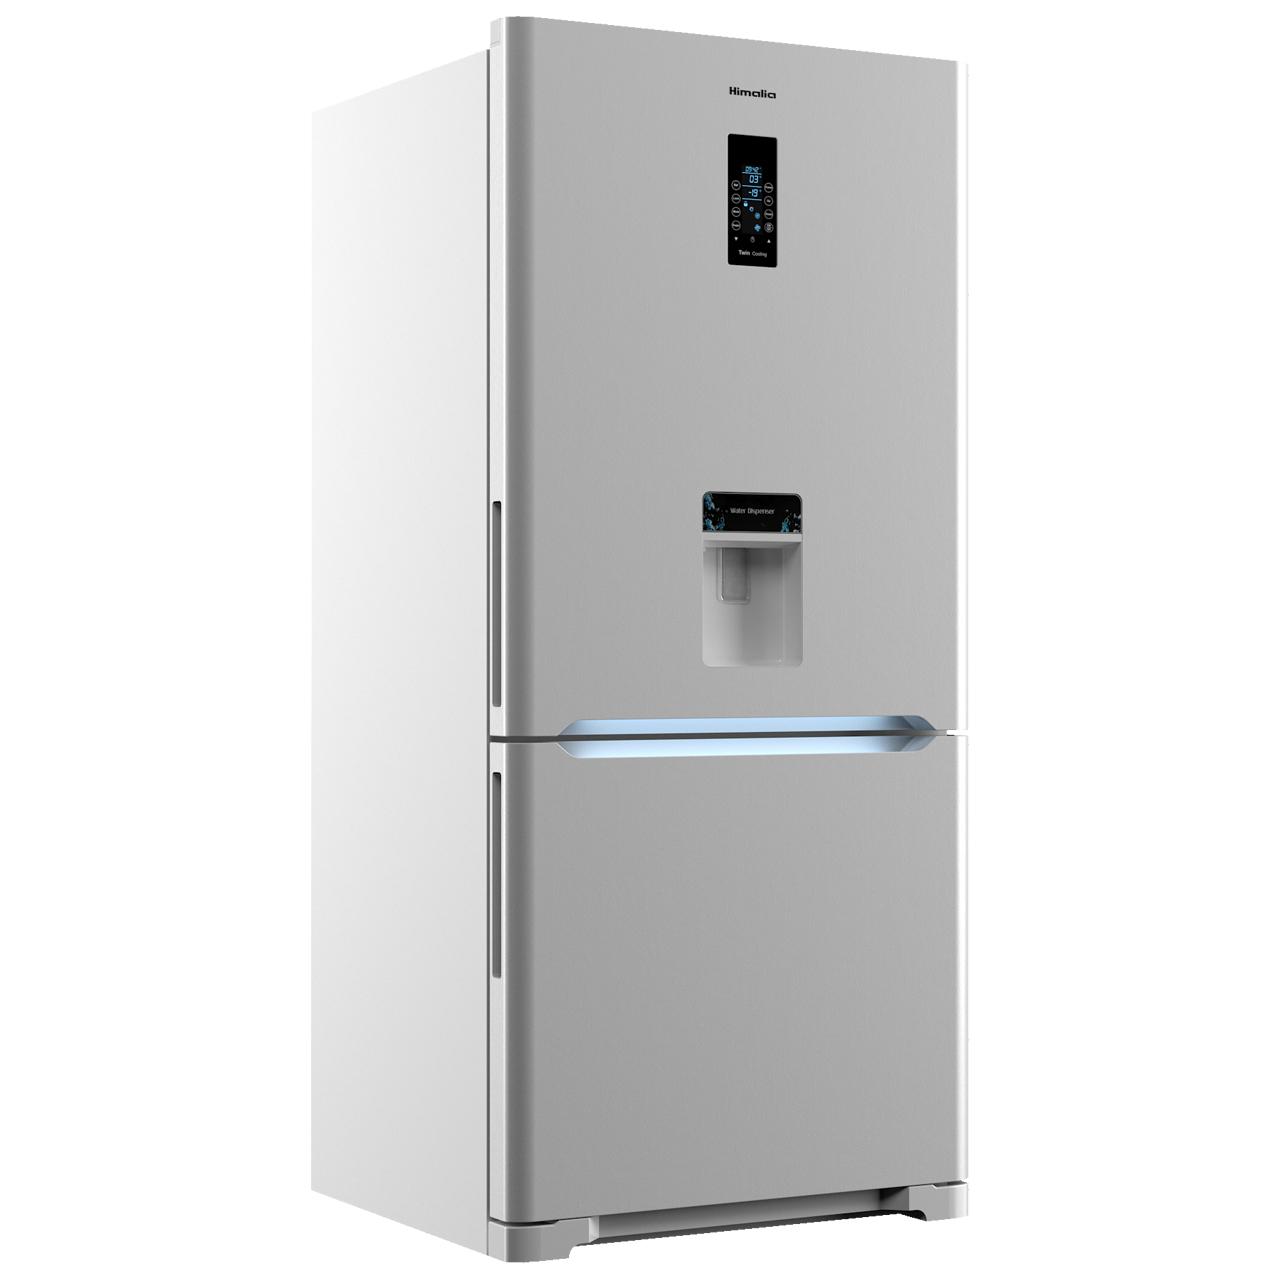 فروش نقدی و اقساطی یخچال و فریزر هیمالیا مدل HRFN60501